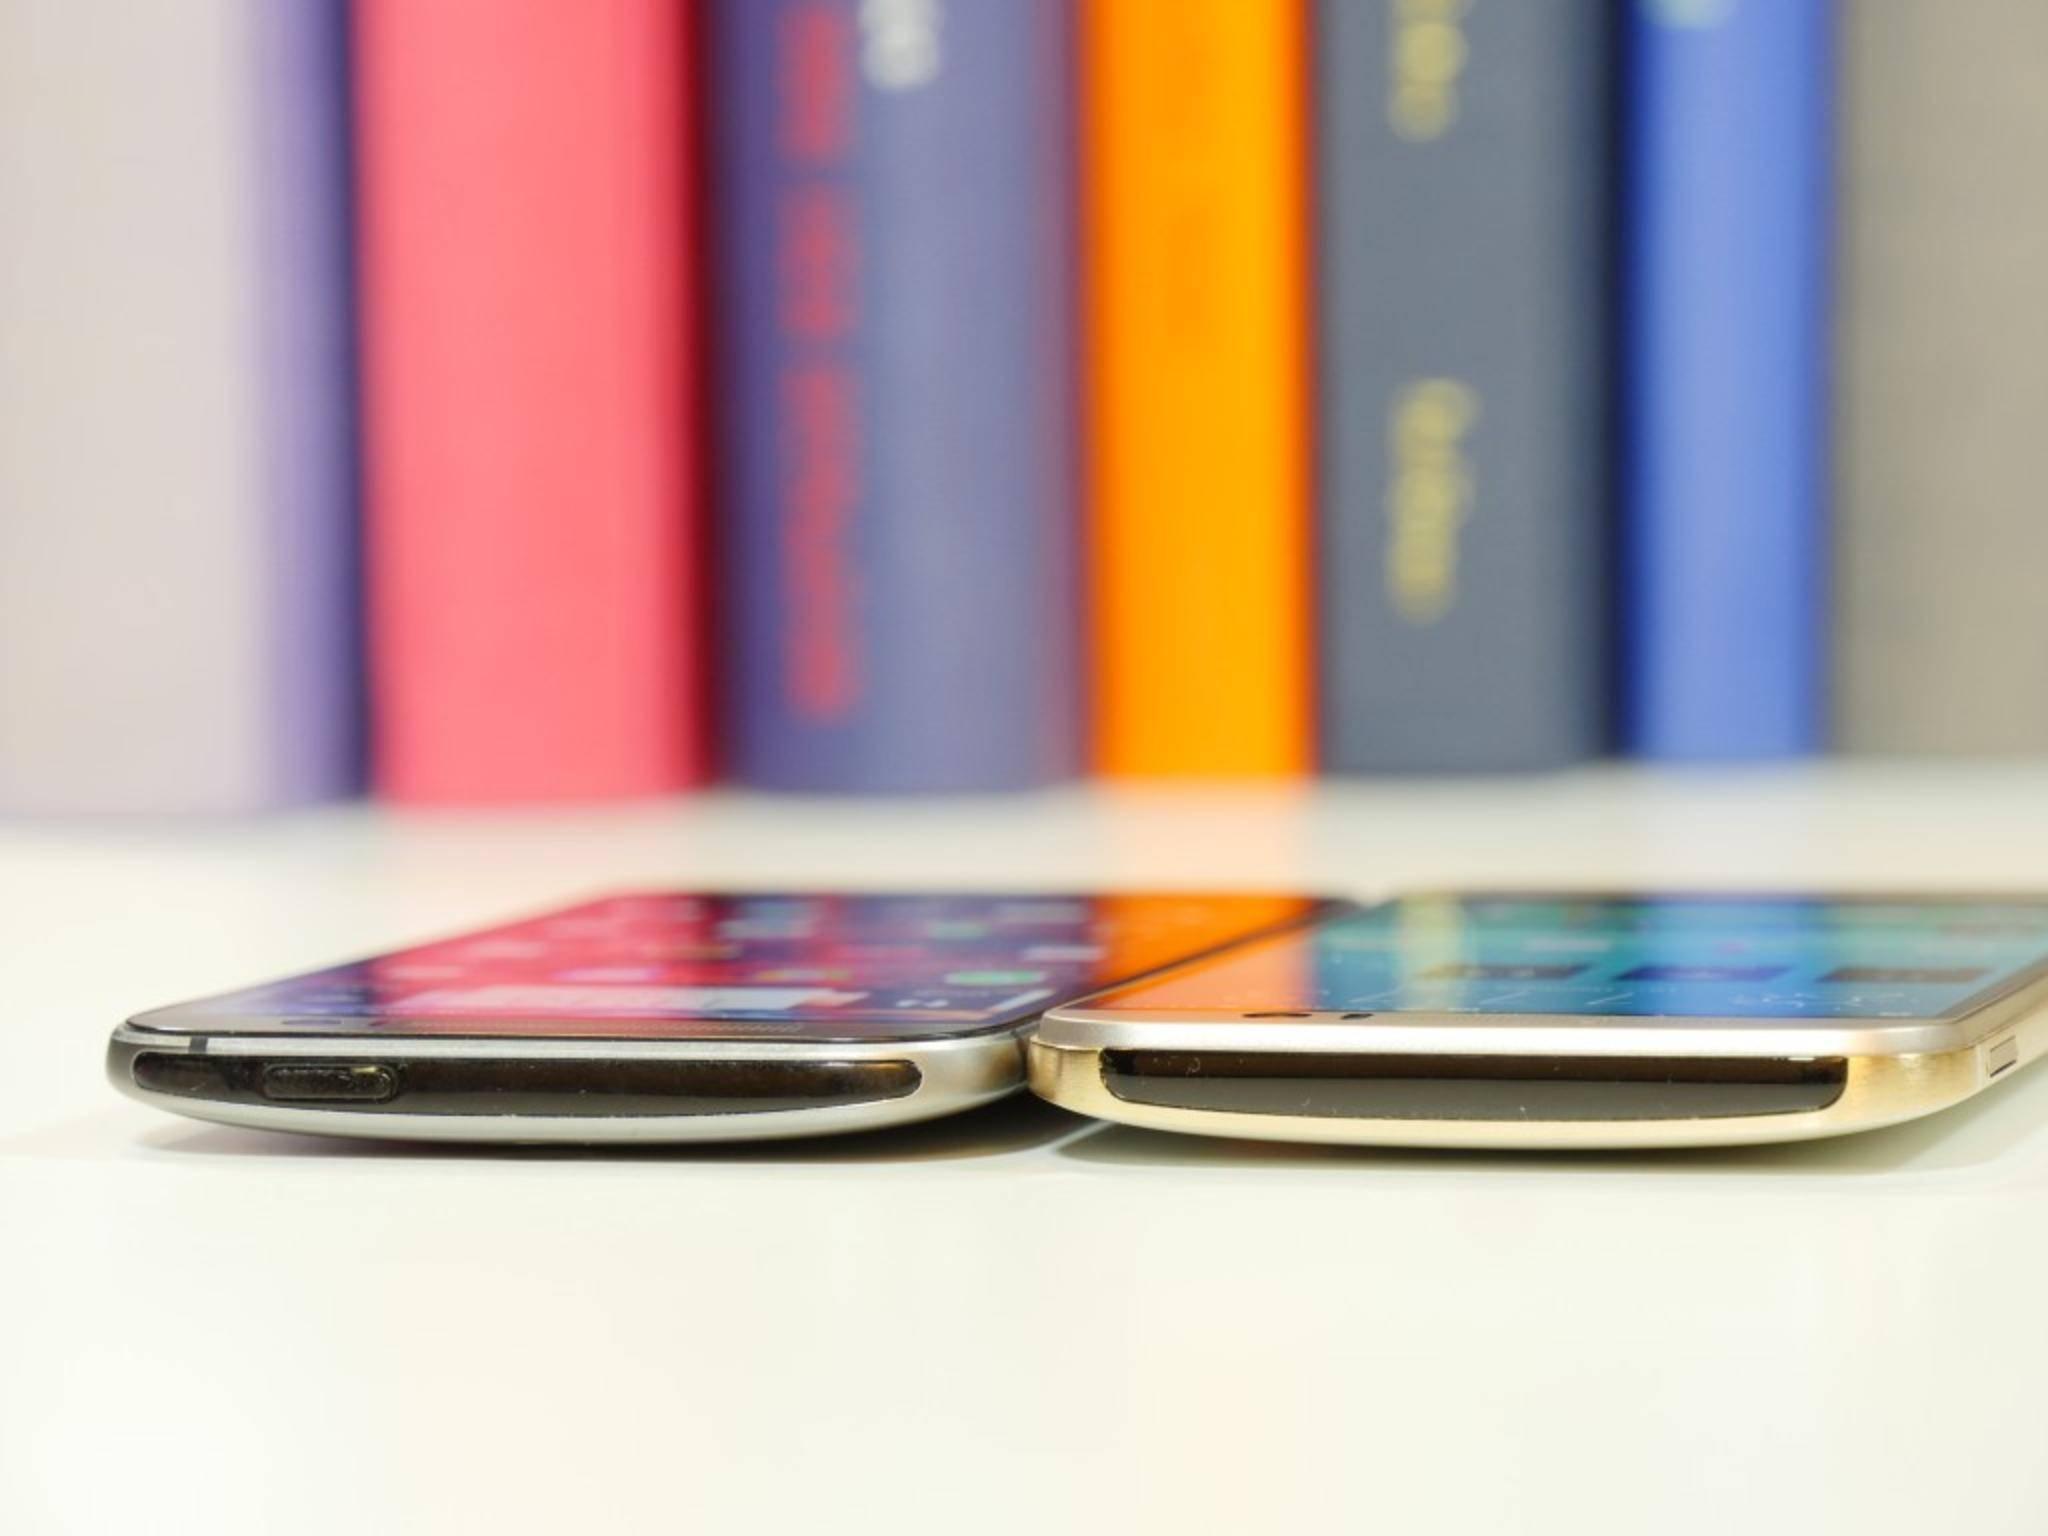 HTC One M8 und One M9 11